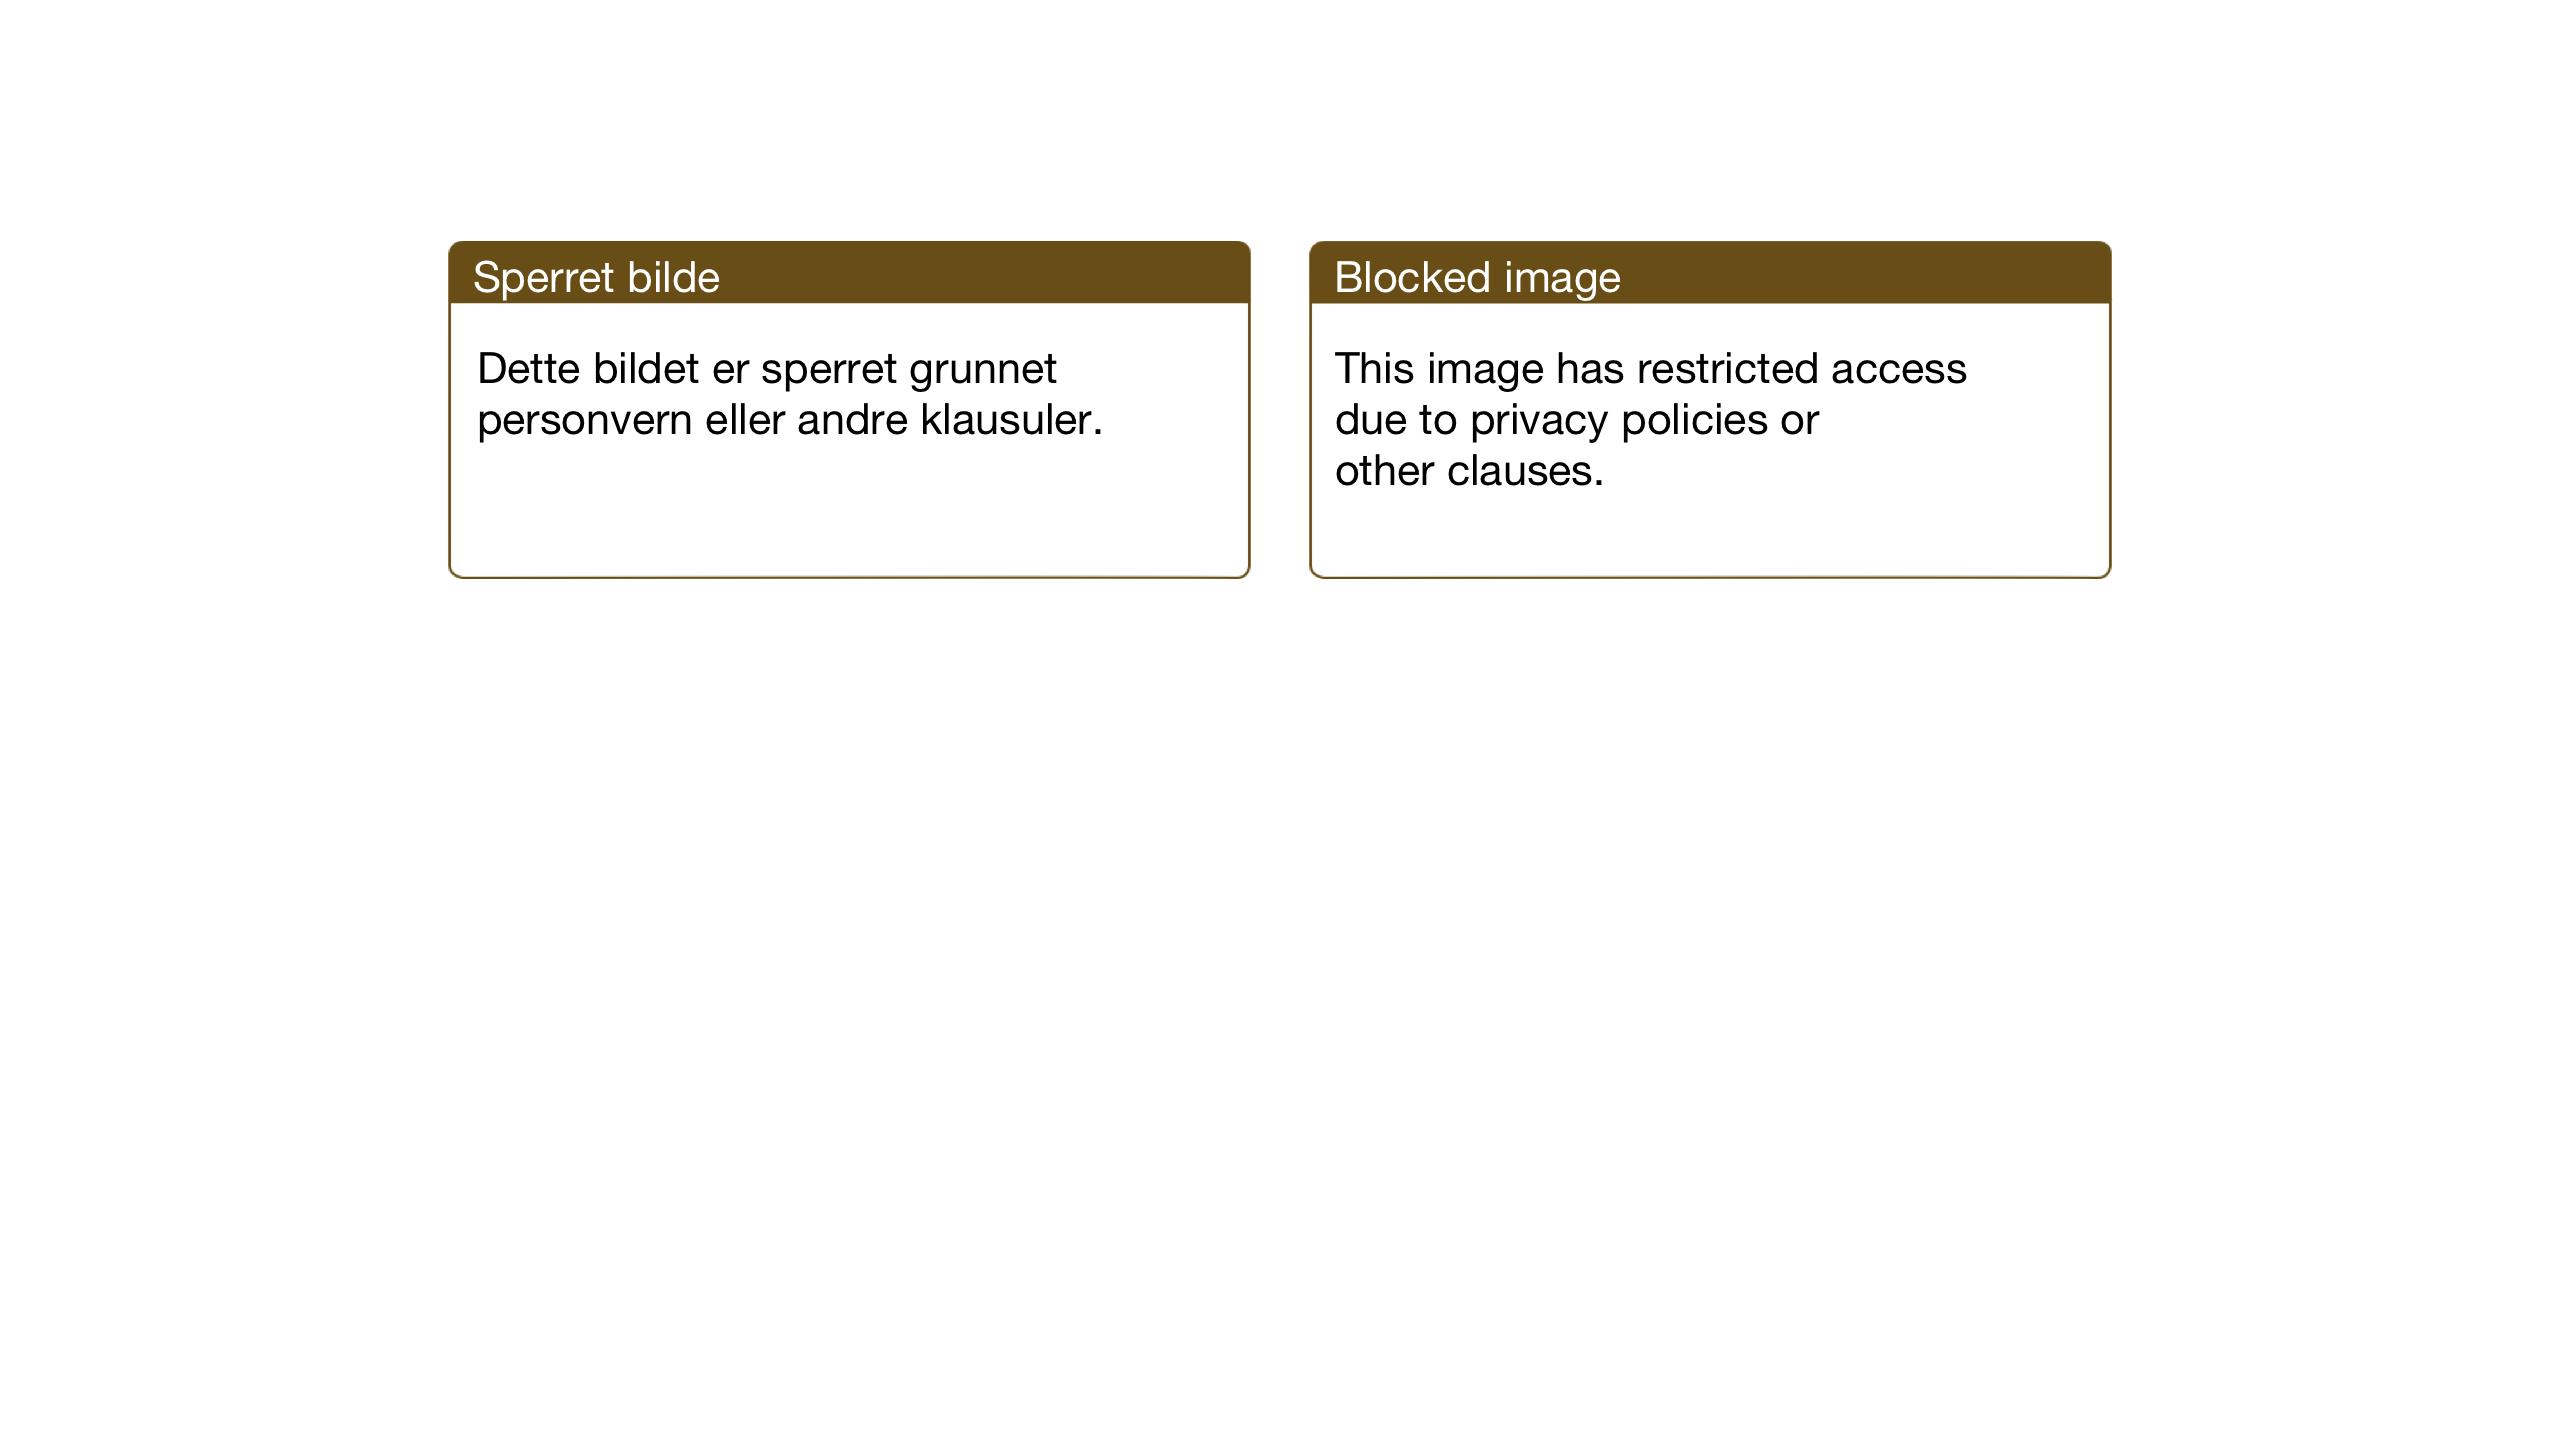 SAT, Ministerialprotokoller, klokkerbøker og fødselsregistre - Sør-Trøndelag, 686/L0986: Klokkerbok nr. 686C02, 1933-1950, s. 8